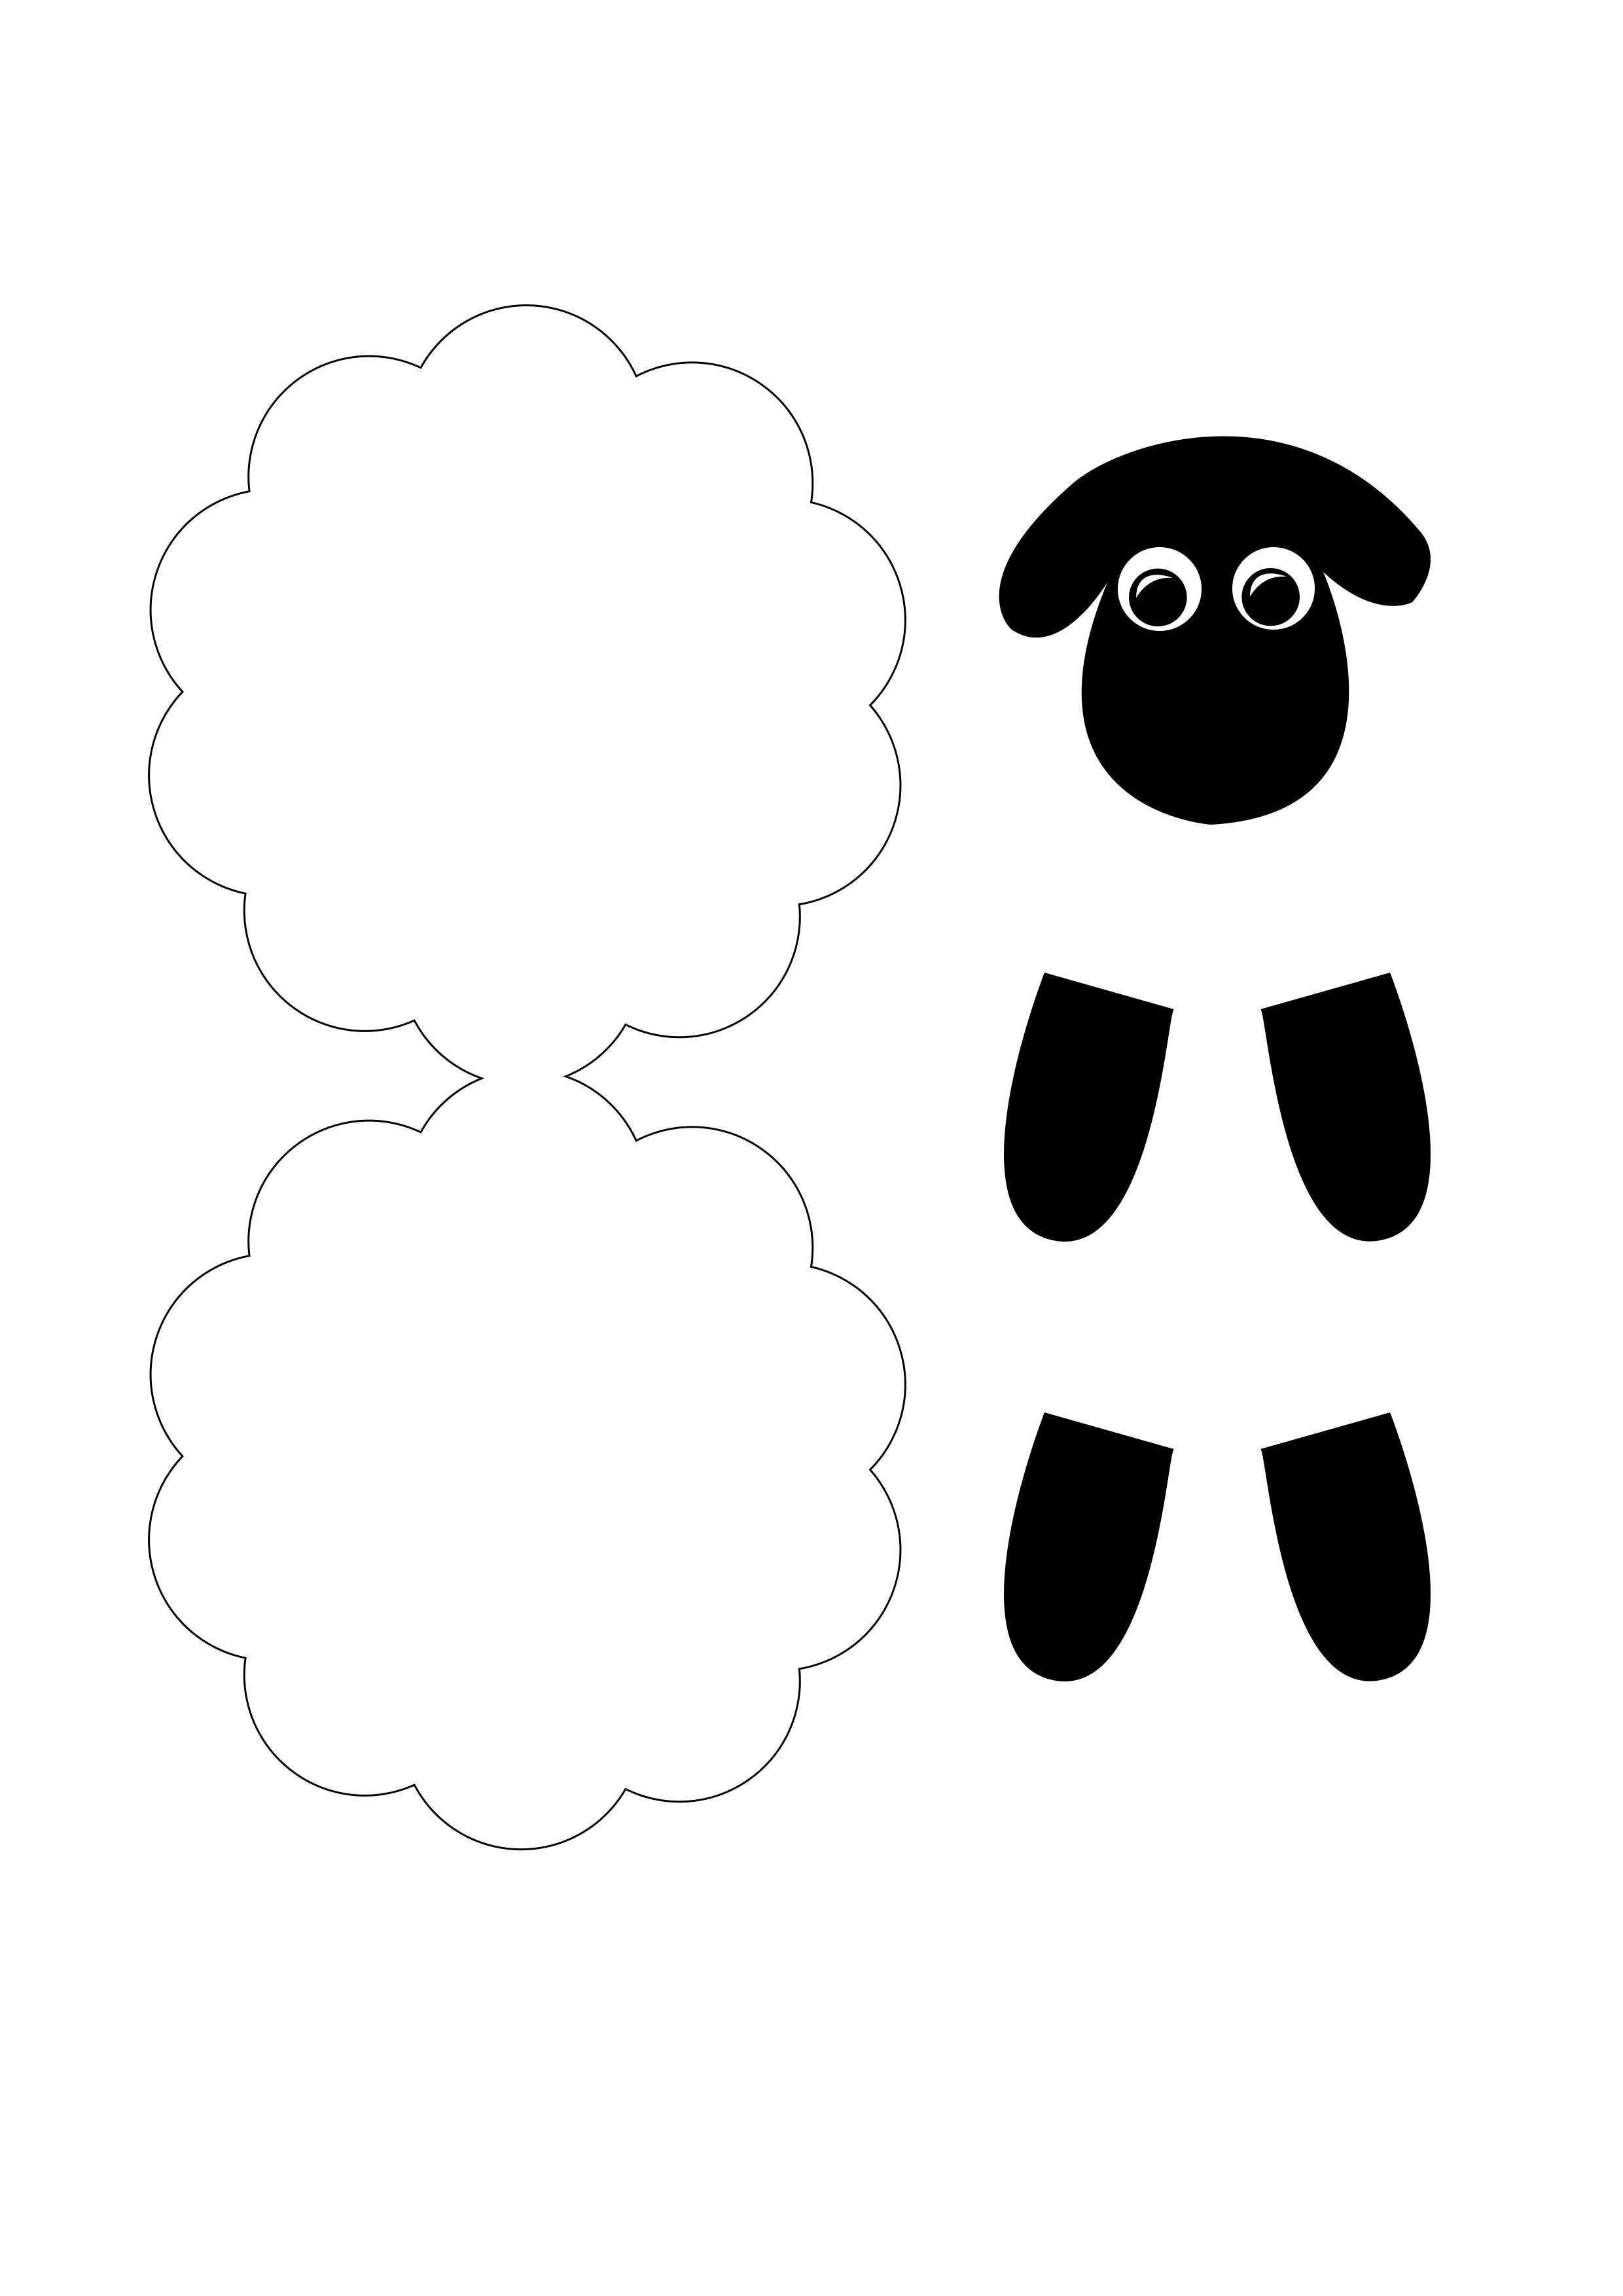 Schaf Schablone Zum Basteln Schafe Basteln Schaf Kindergarten Kostenlose Schablonen